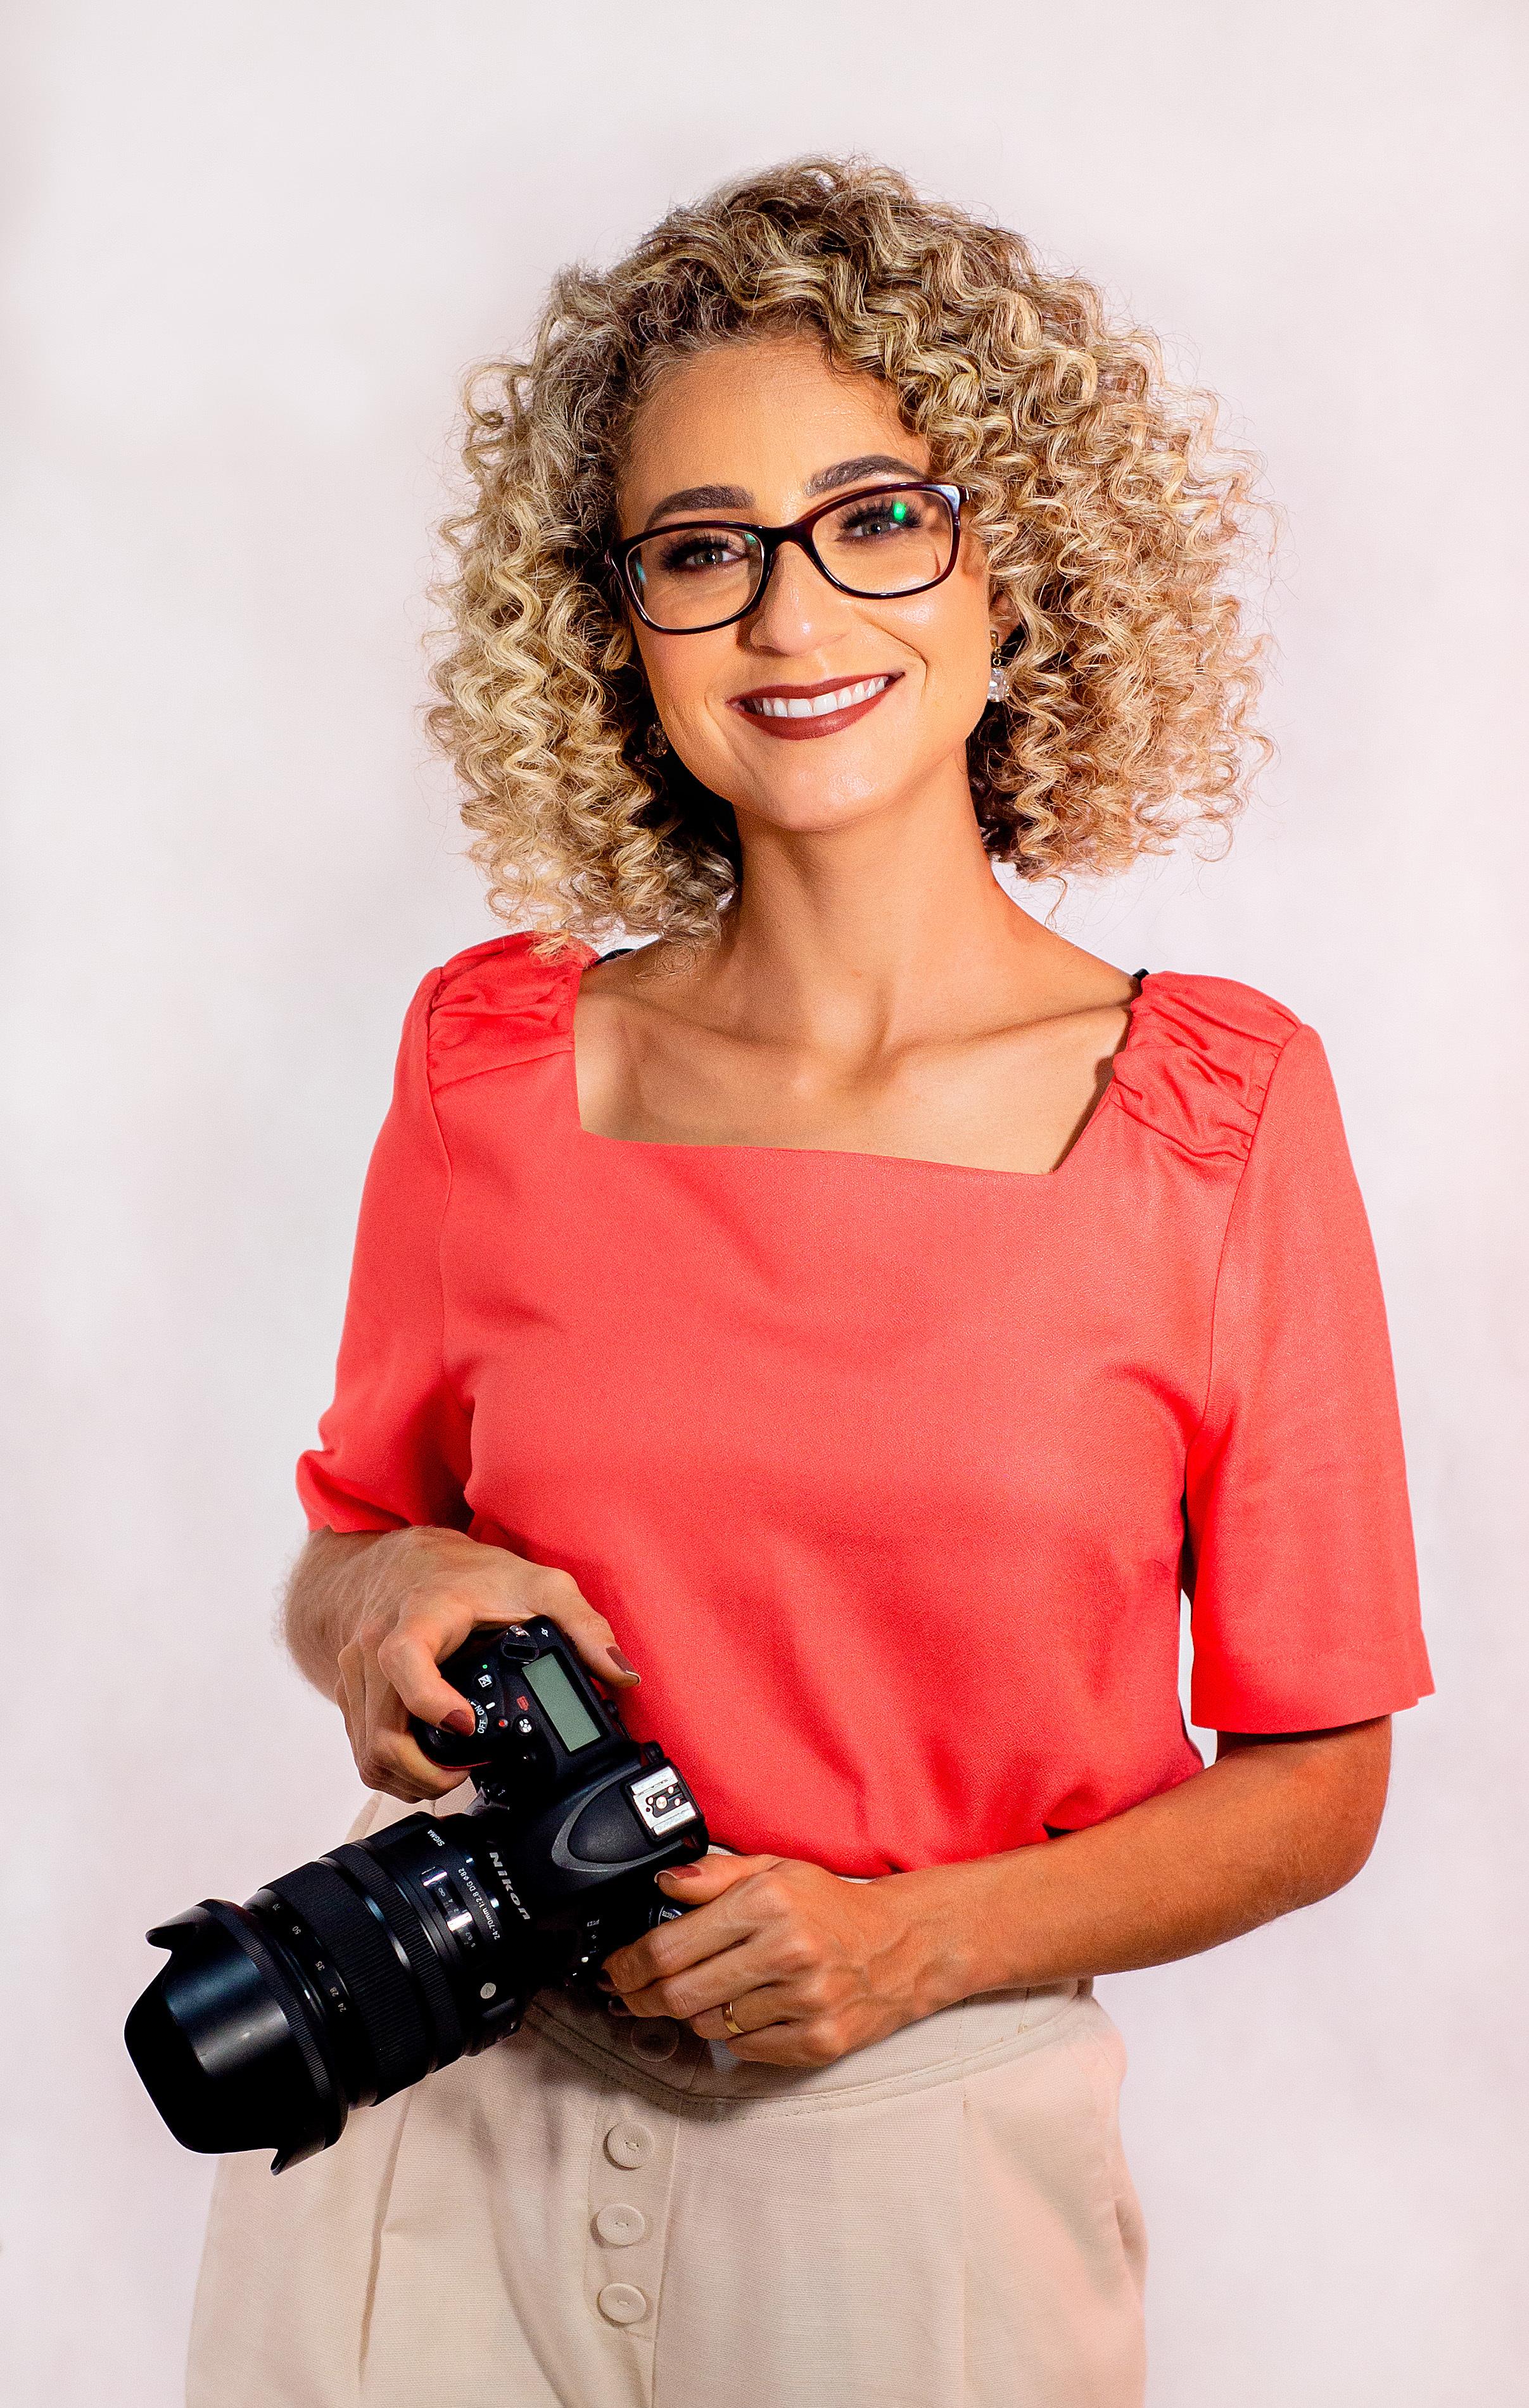 Sobre Daianestudiofotográfico - Me deixe contar a sua história ♥